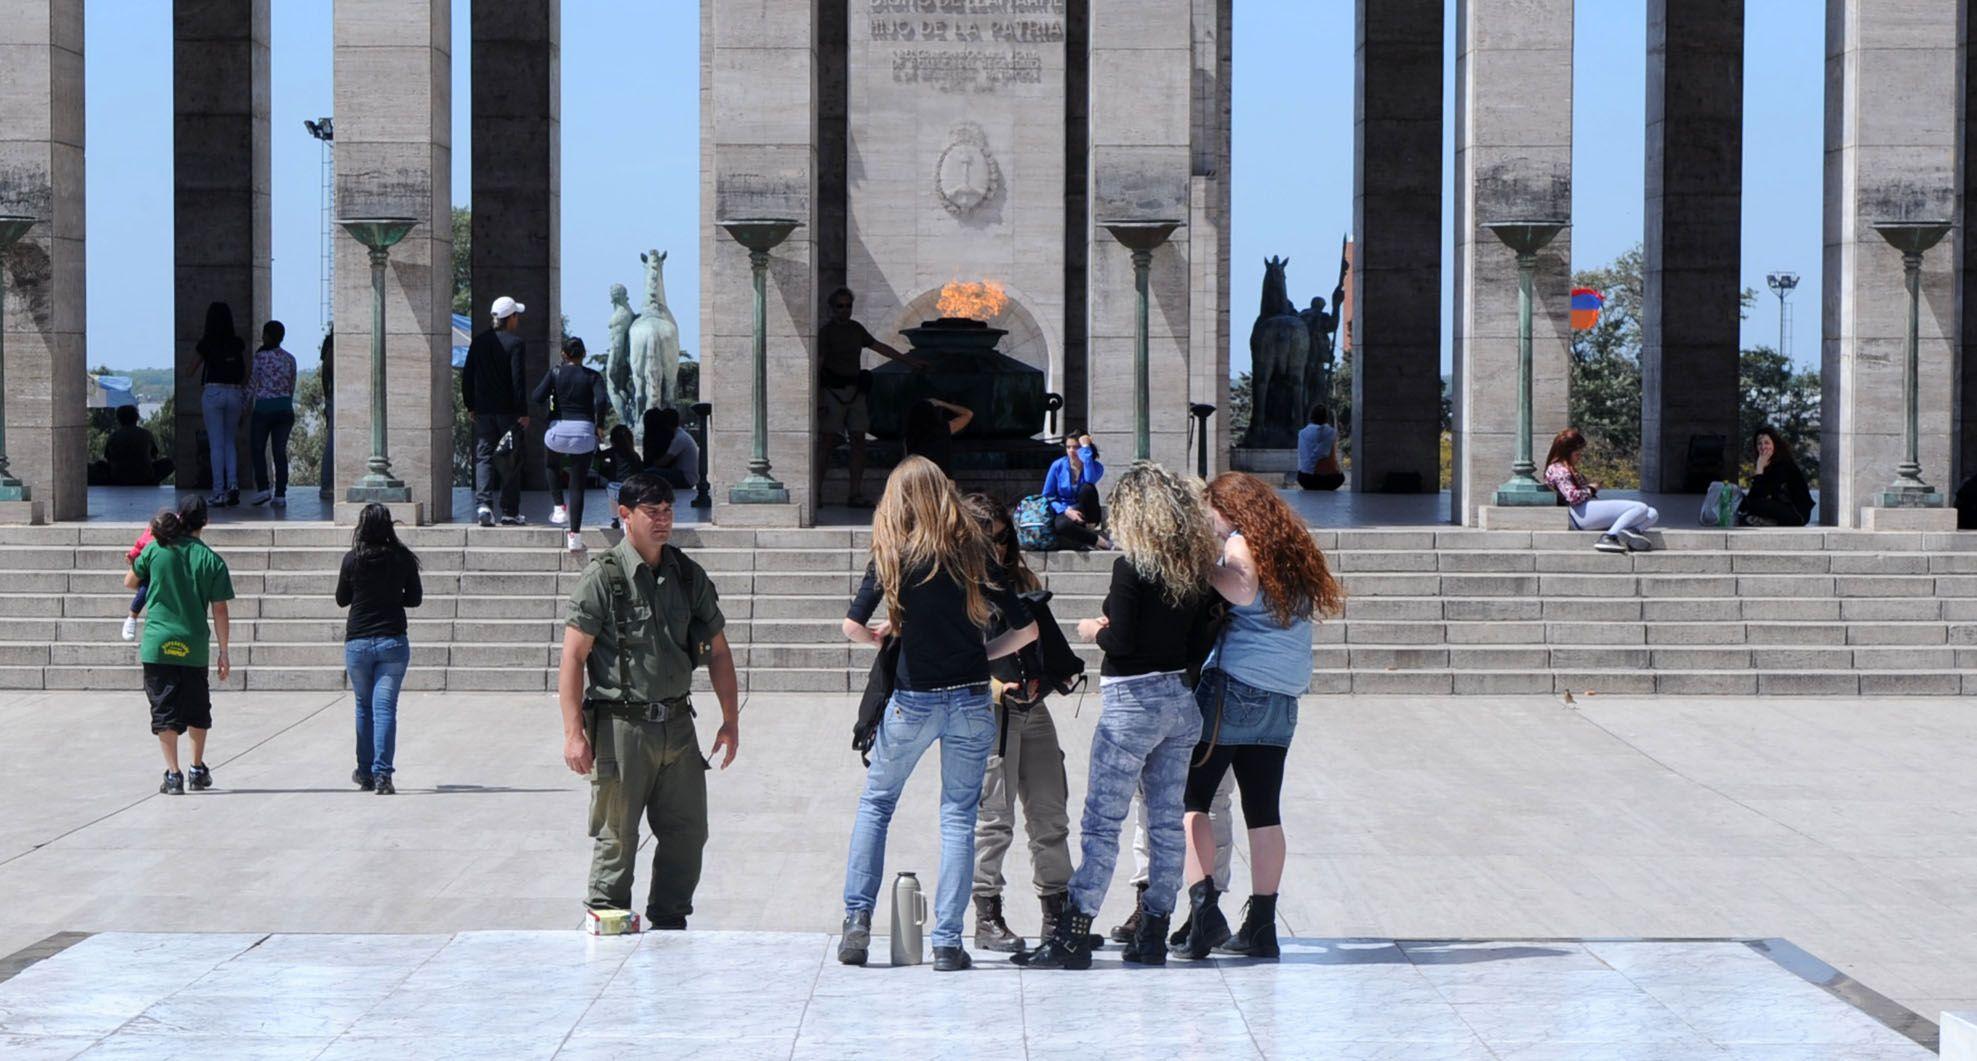 El Monumento a la Bandera